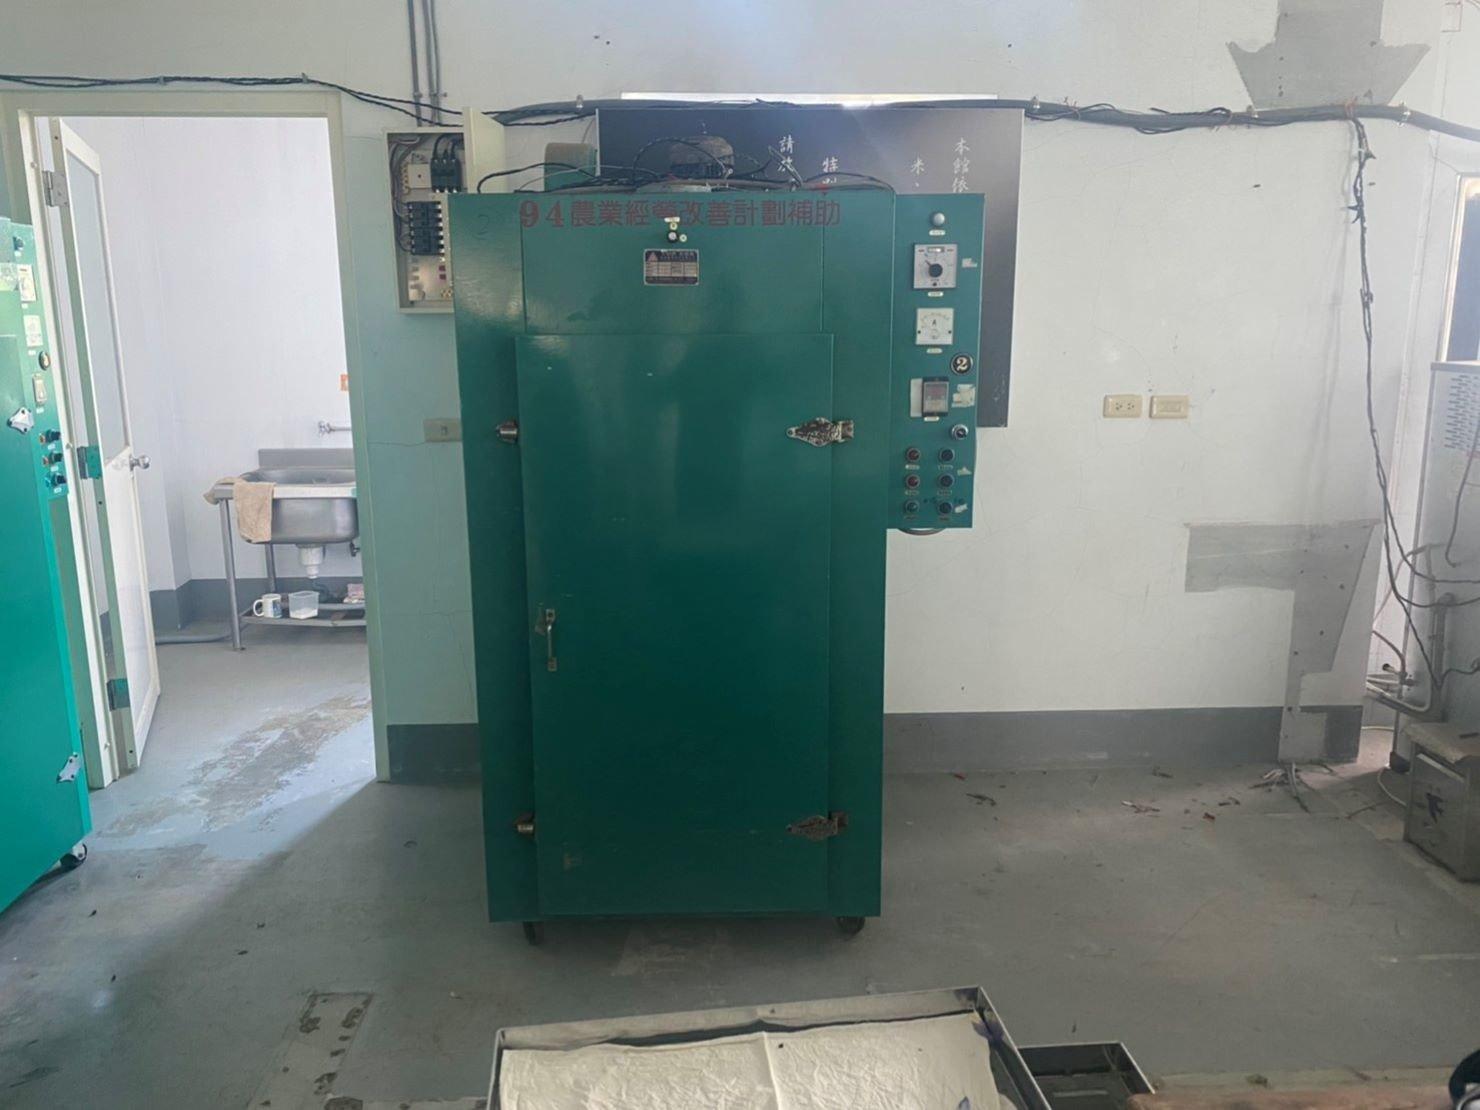 重物搬運【榮福搬家公司】口碑第一、台北搬家推薦:此趟共搬運3台烘焙茶用乾燥機,一台重達250公斤。